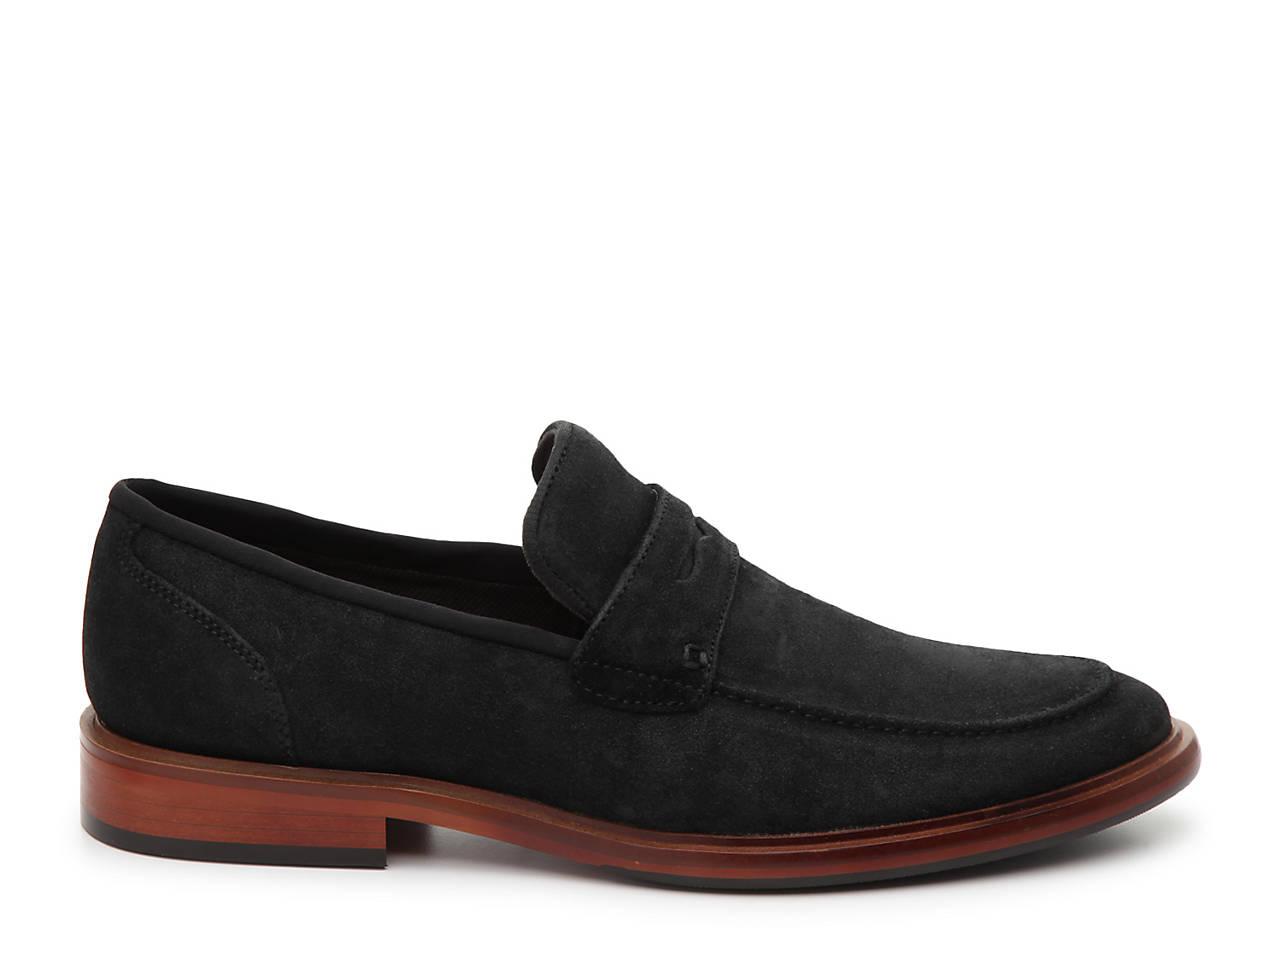 b703988b4fe Aston Grey Welt Penny Loafer Men s Shoes